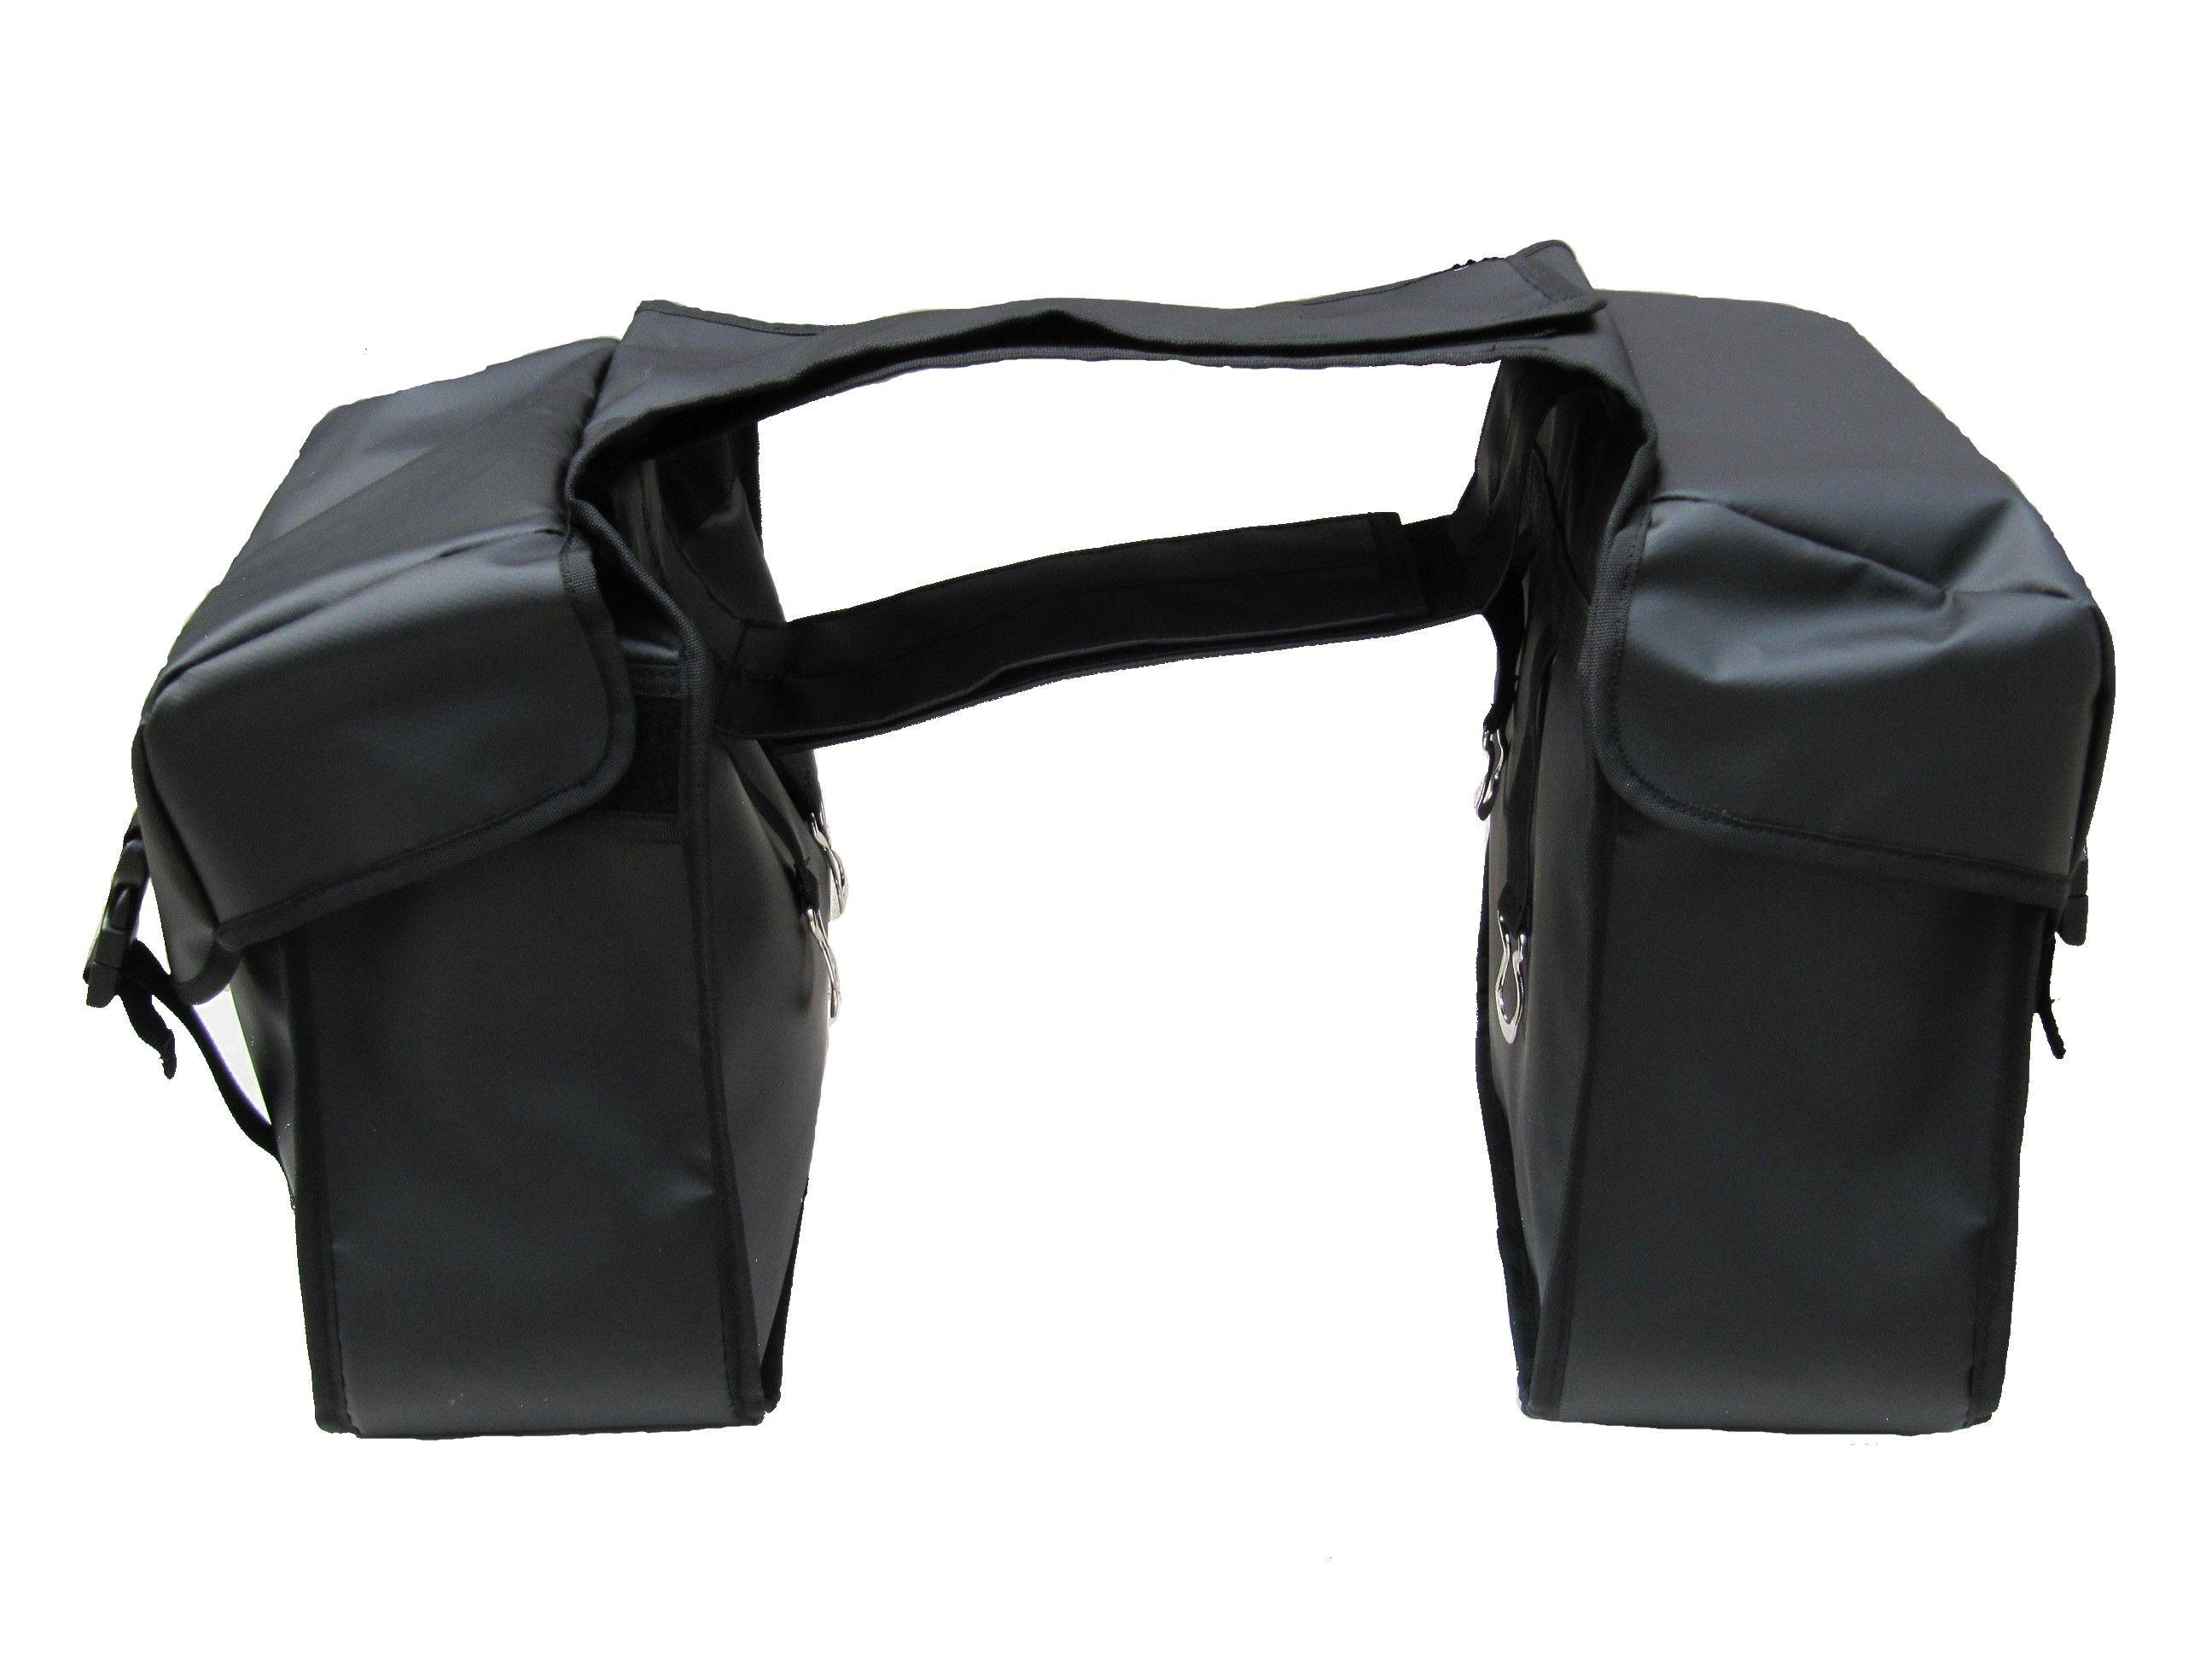 【ALBA】防水馬鞍包 - 「Webike-摩托百貨」